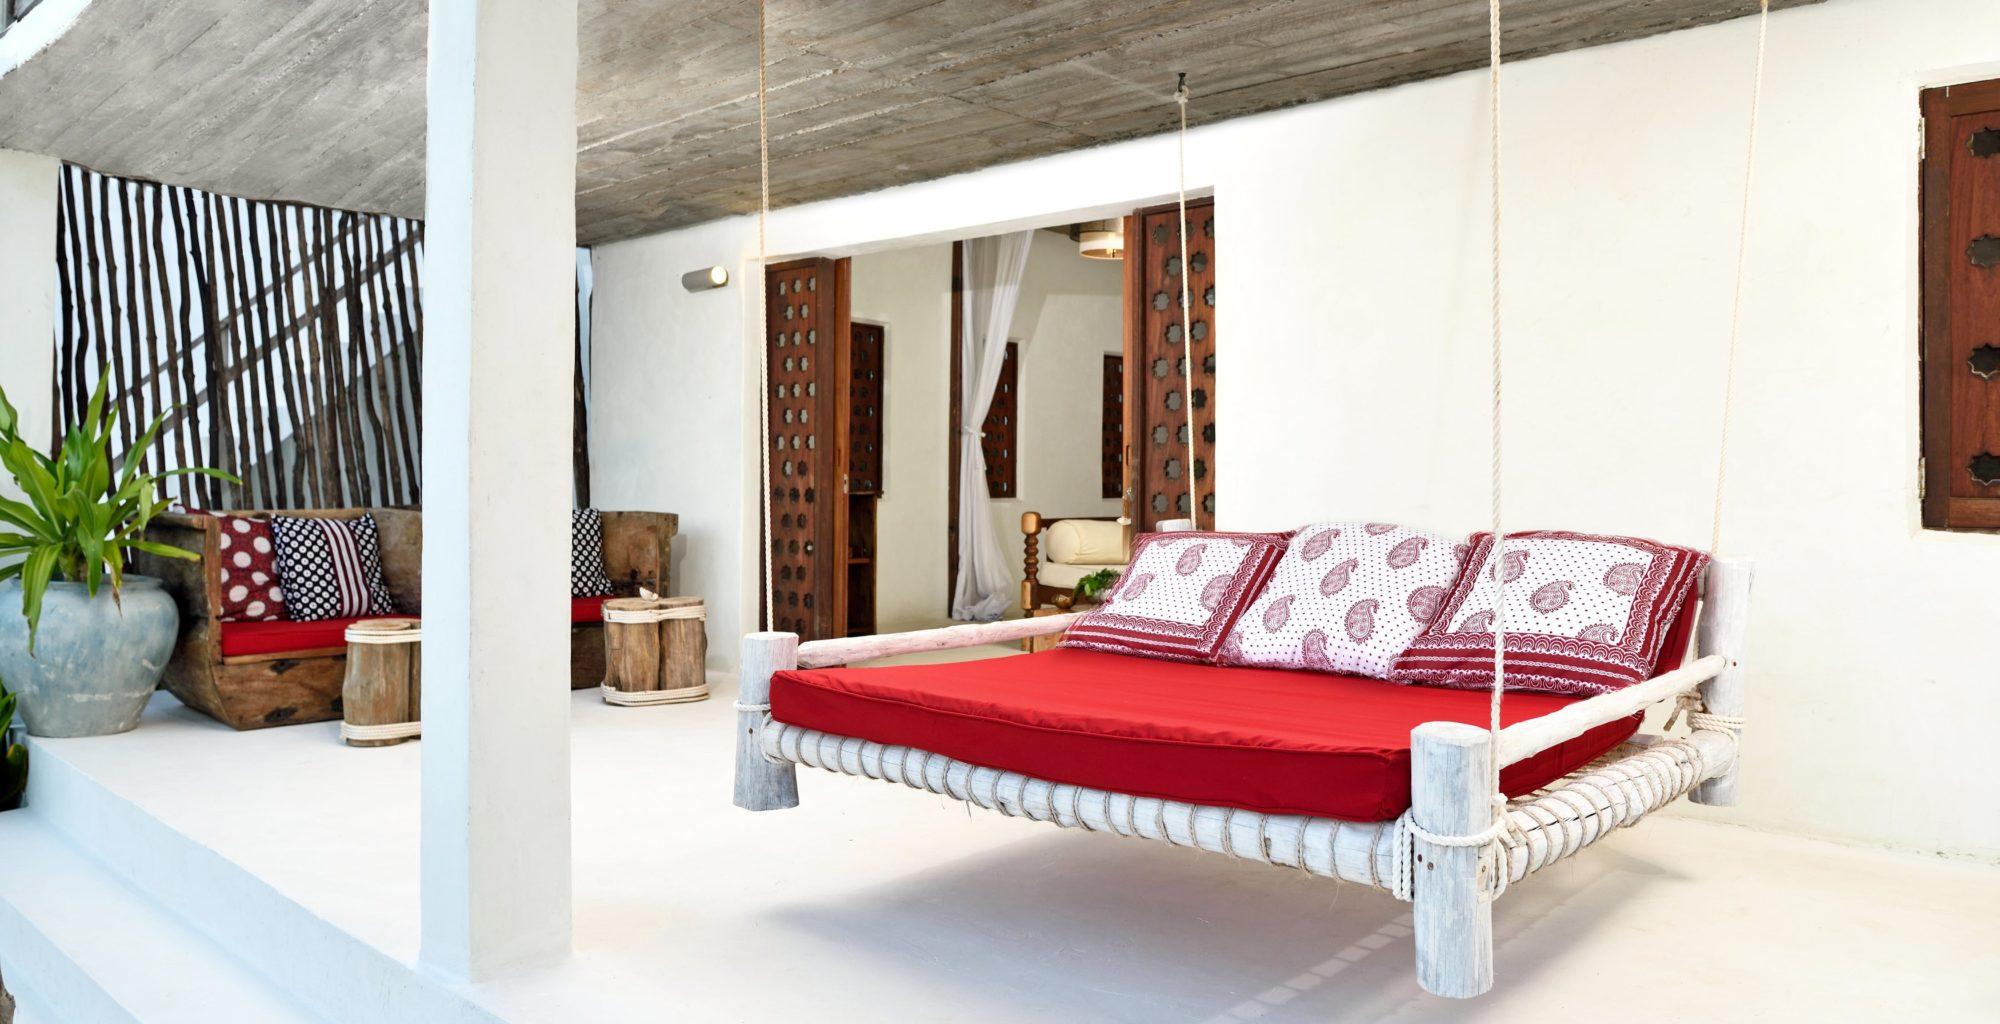 Tanzania-Upendo-Villas-Floating-Bed